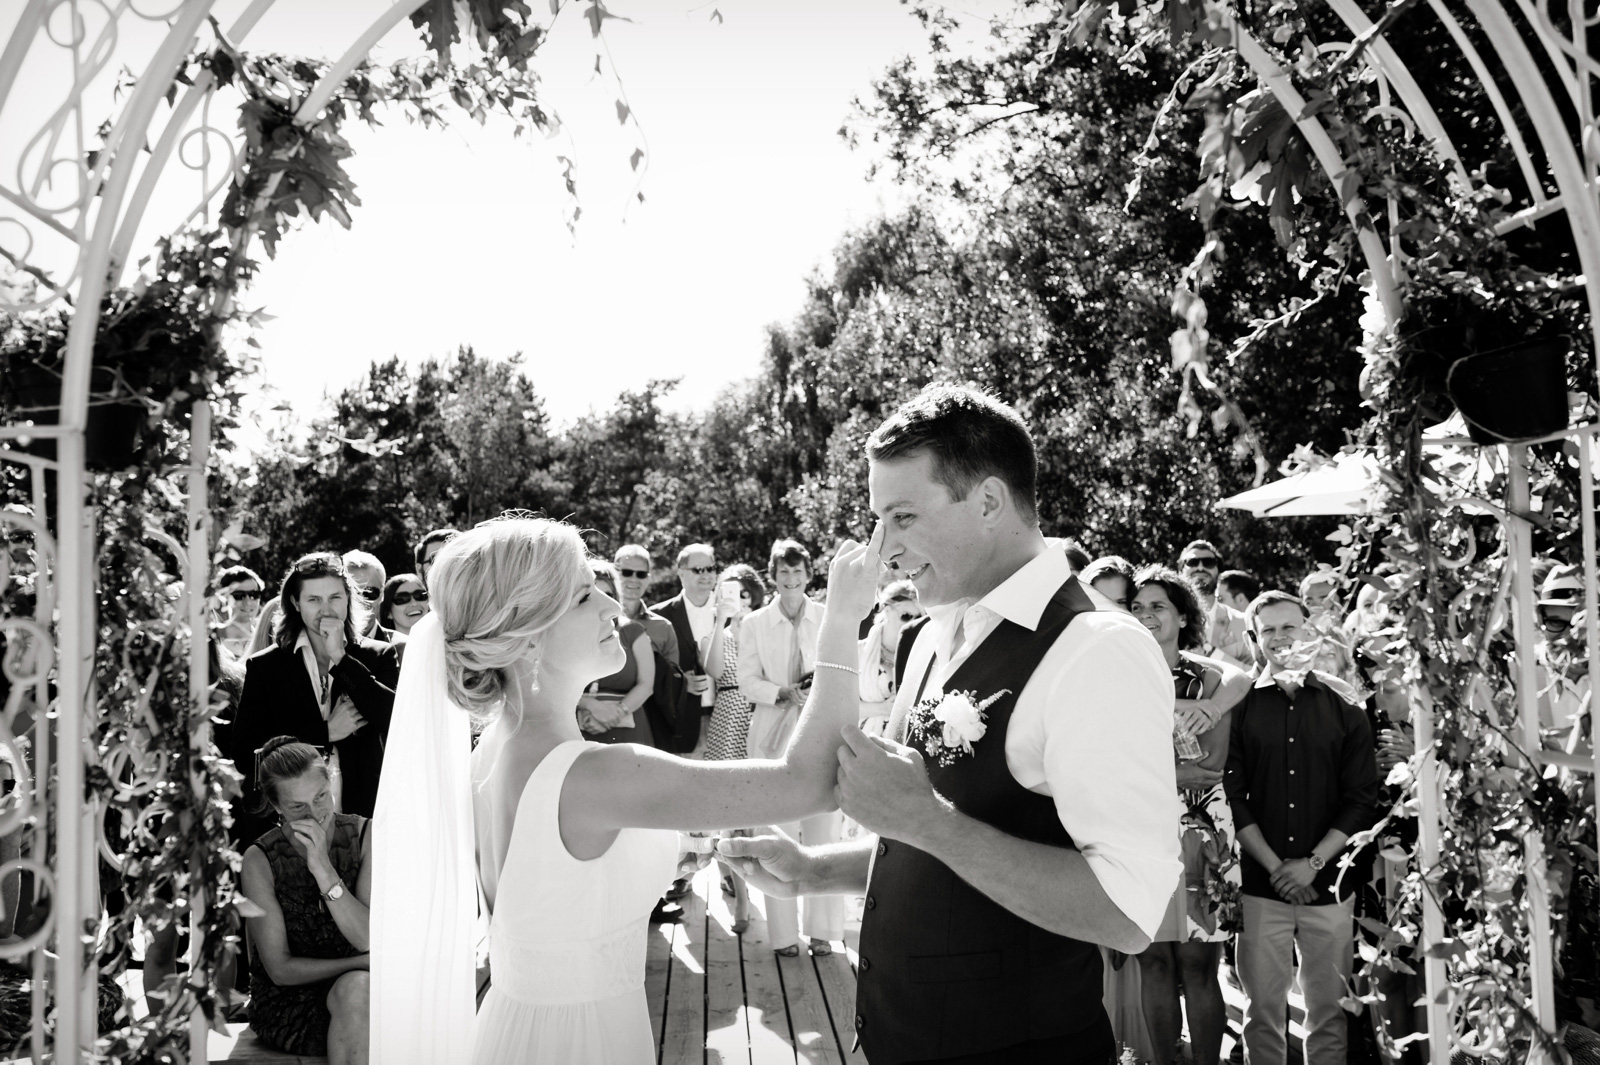 Touching wedding